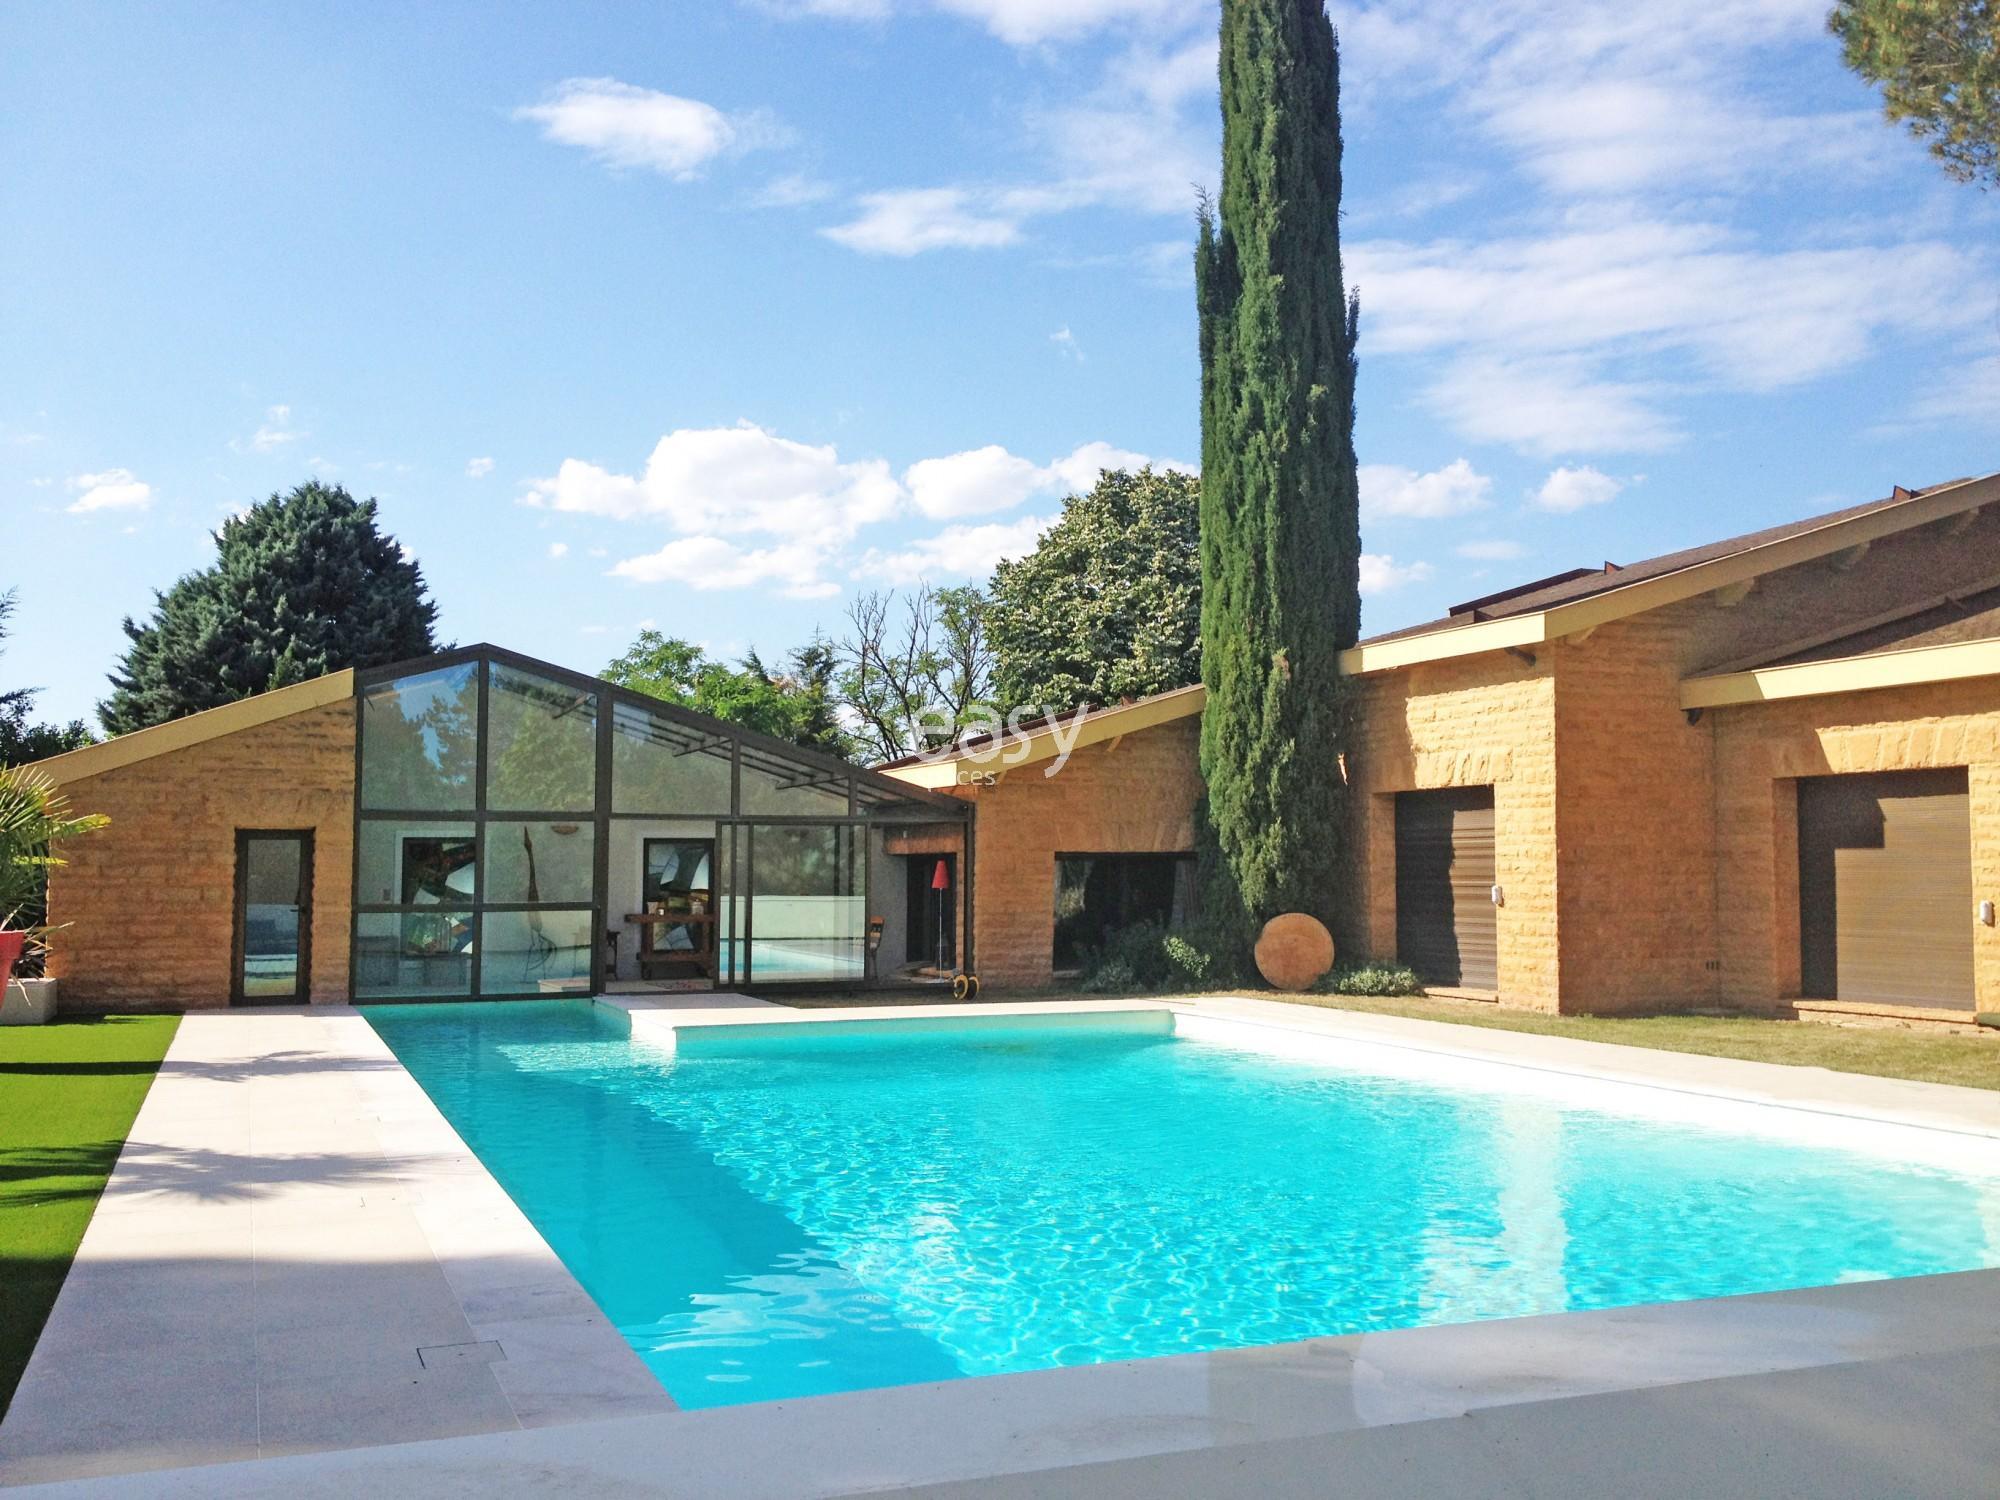 Maison a louer dans le sud de la france avec piscine - Maison a louer vacances avec piscine ...